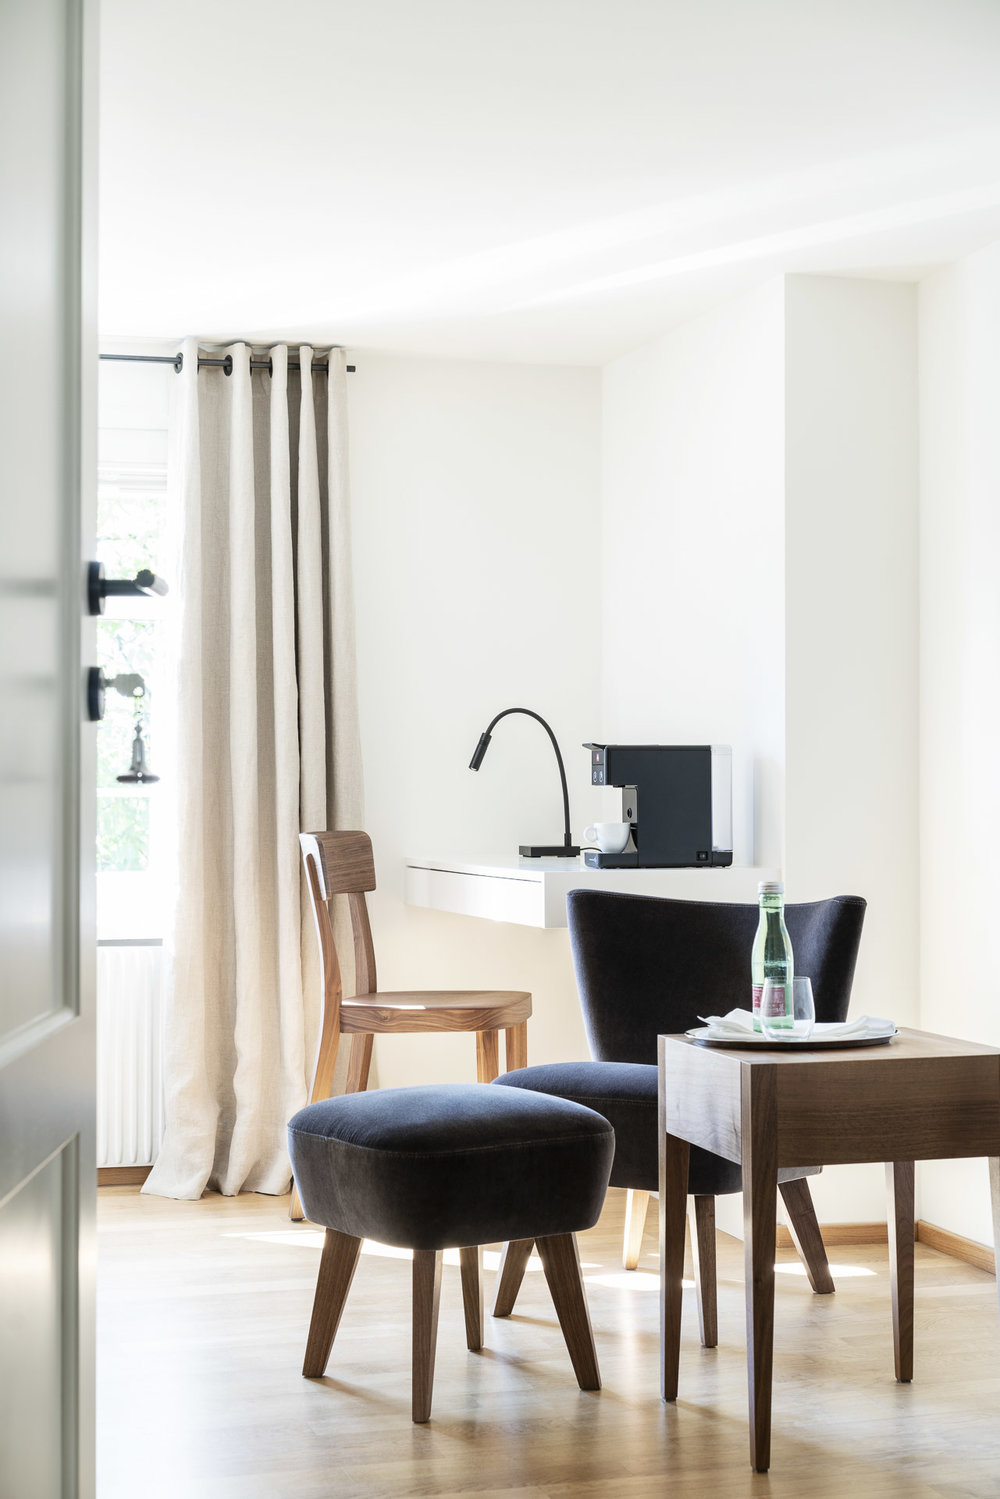 Fotowerk Hotelfotografie - einladendes Zimmer